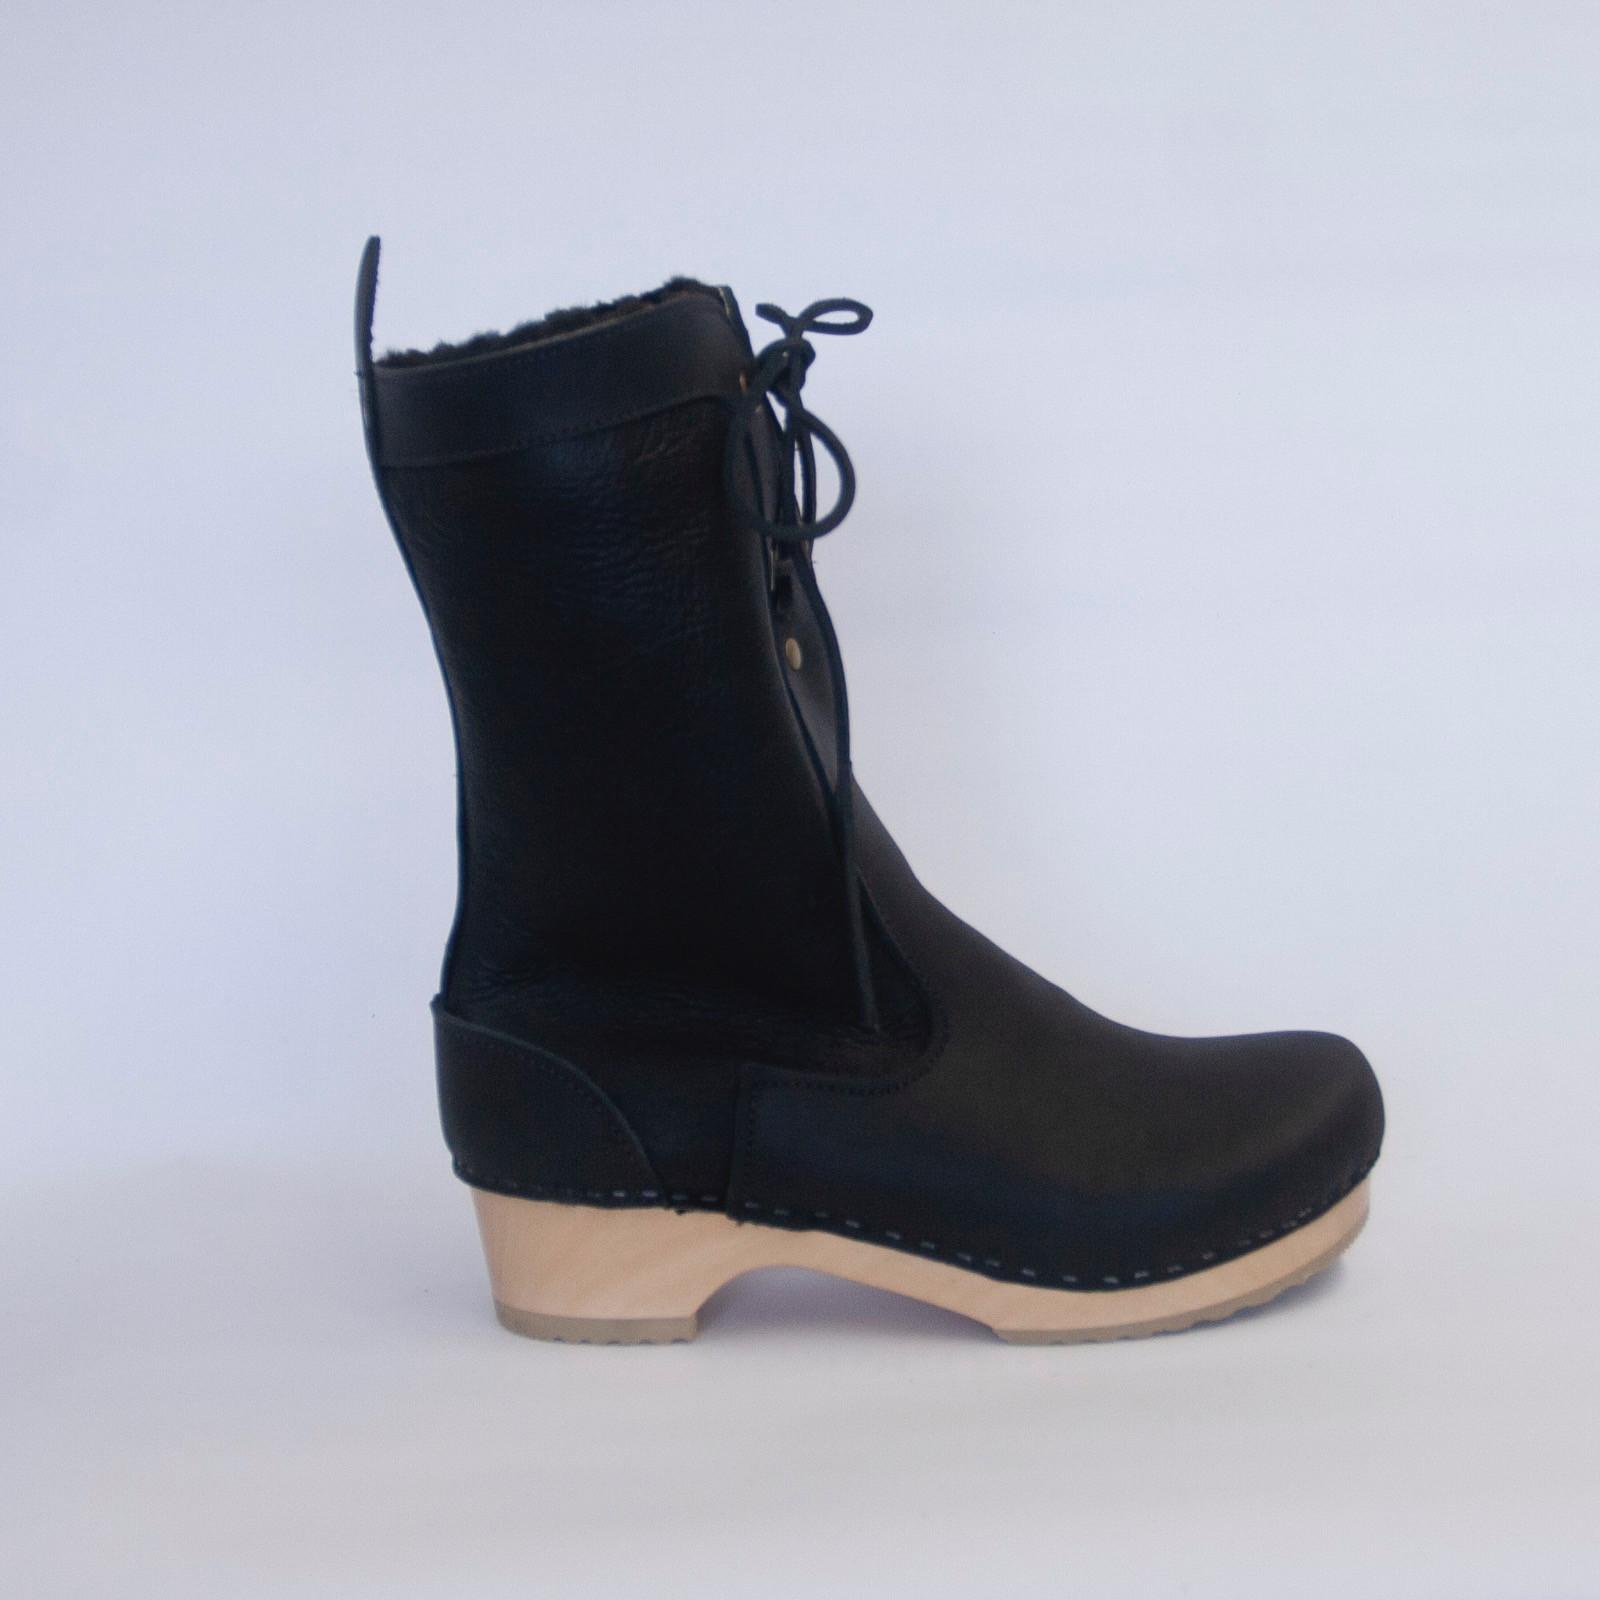 Black Nappa - Lace Up Shearling Clog Boots